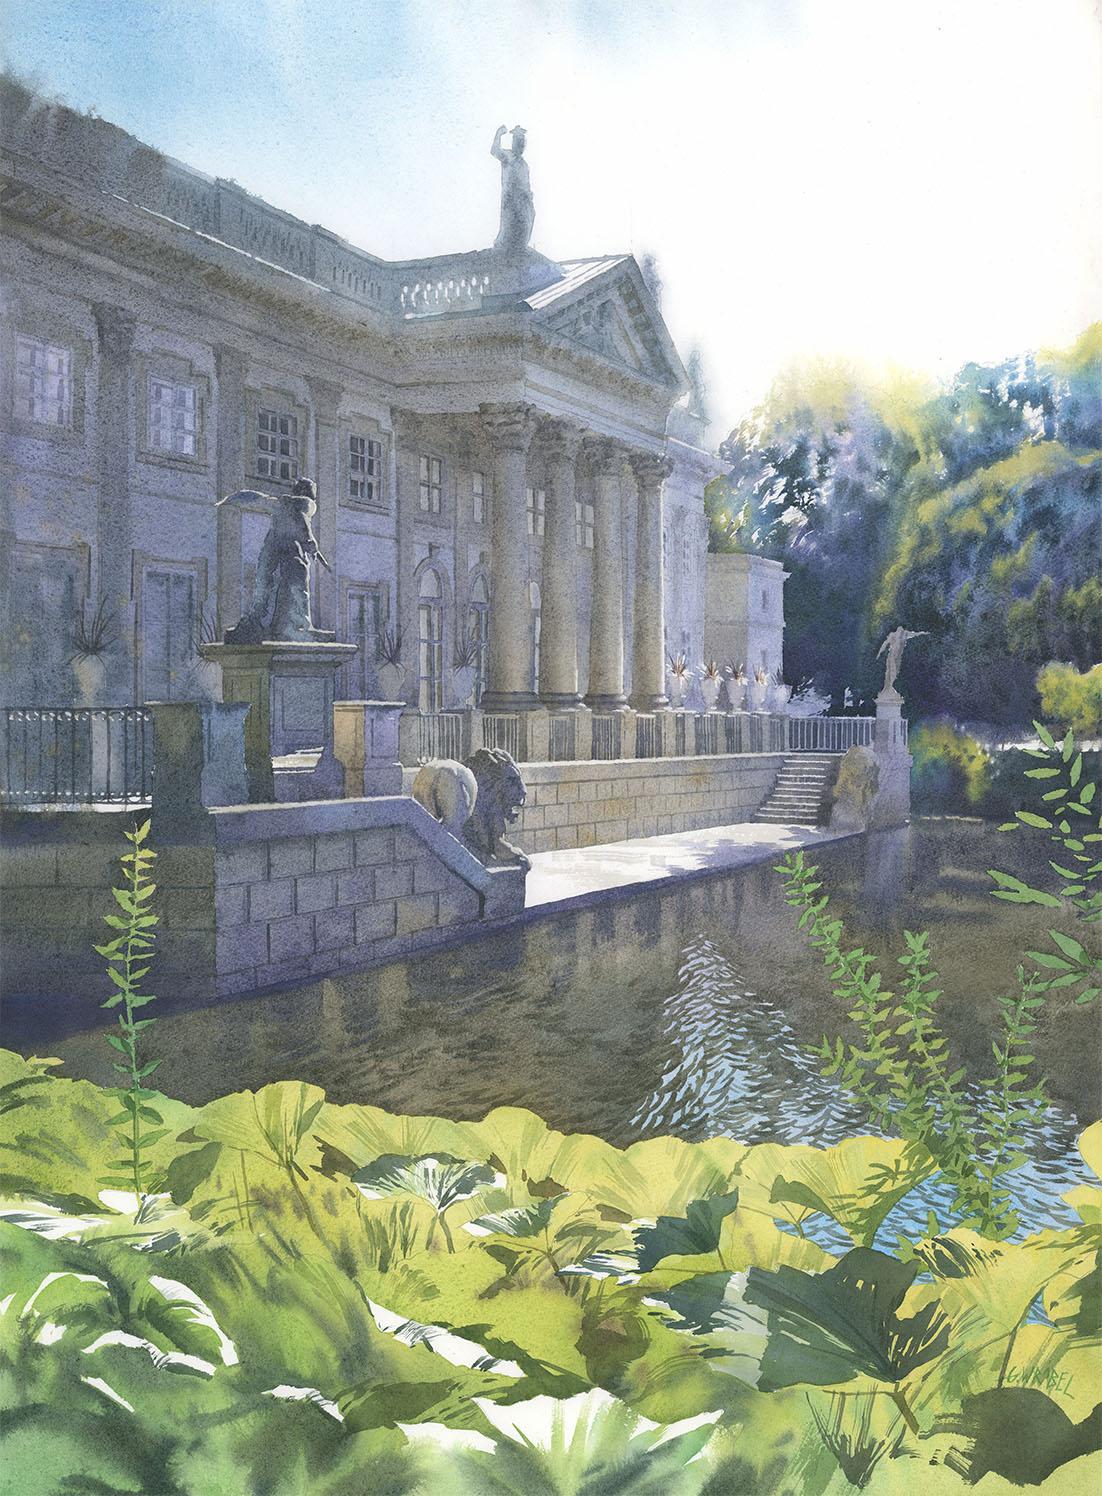 Grzegorz Wróbel - Pałac na wodzie